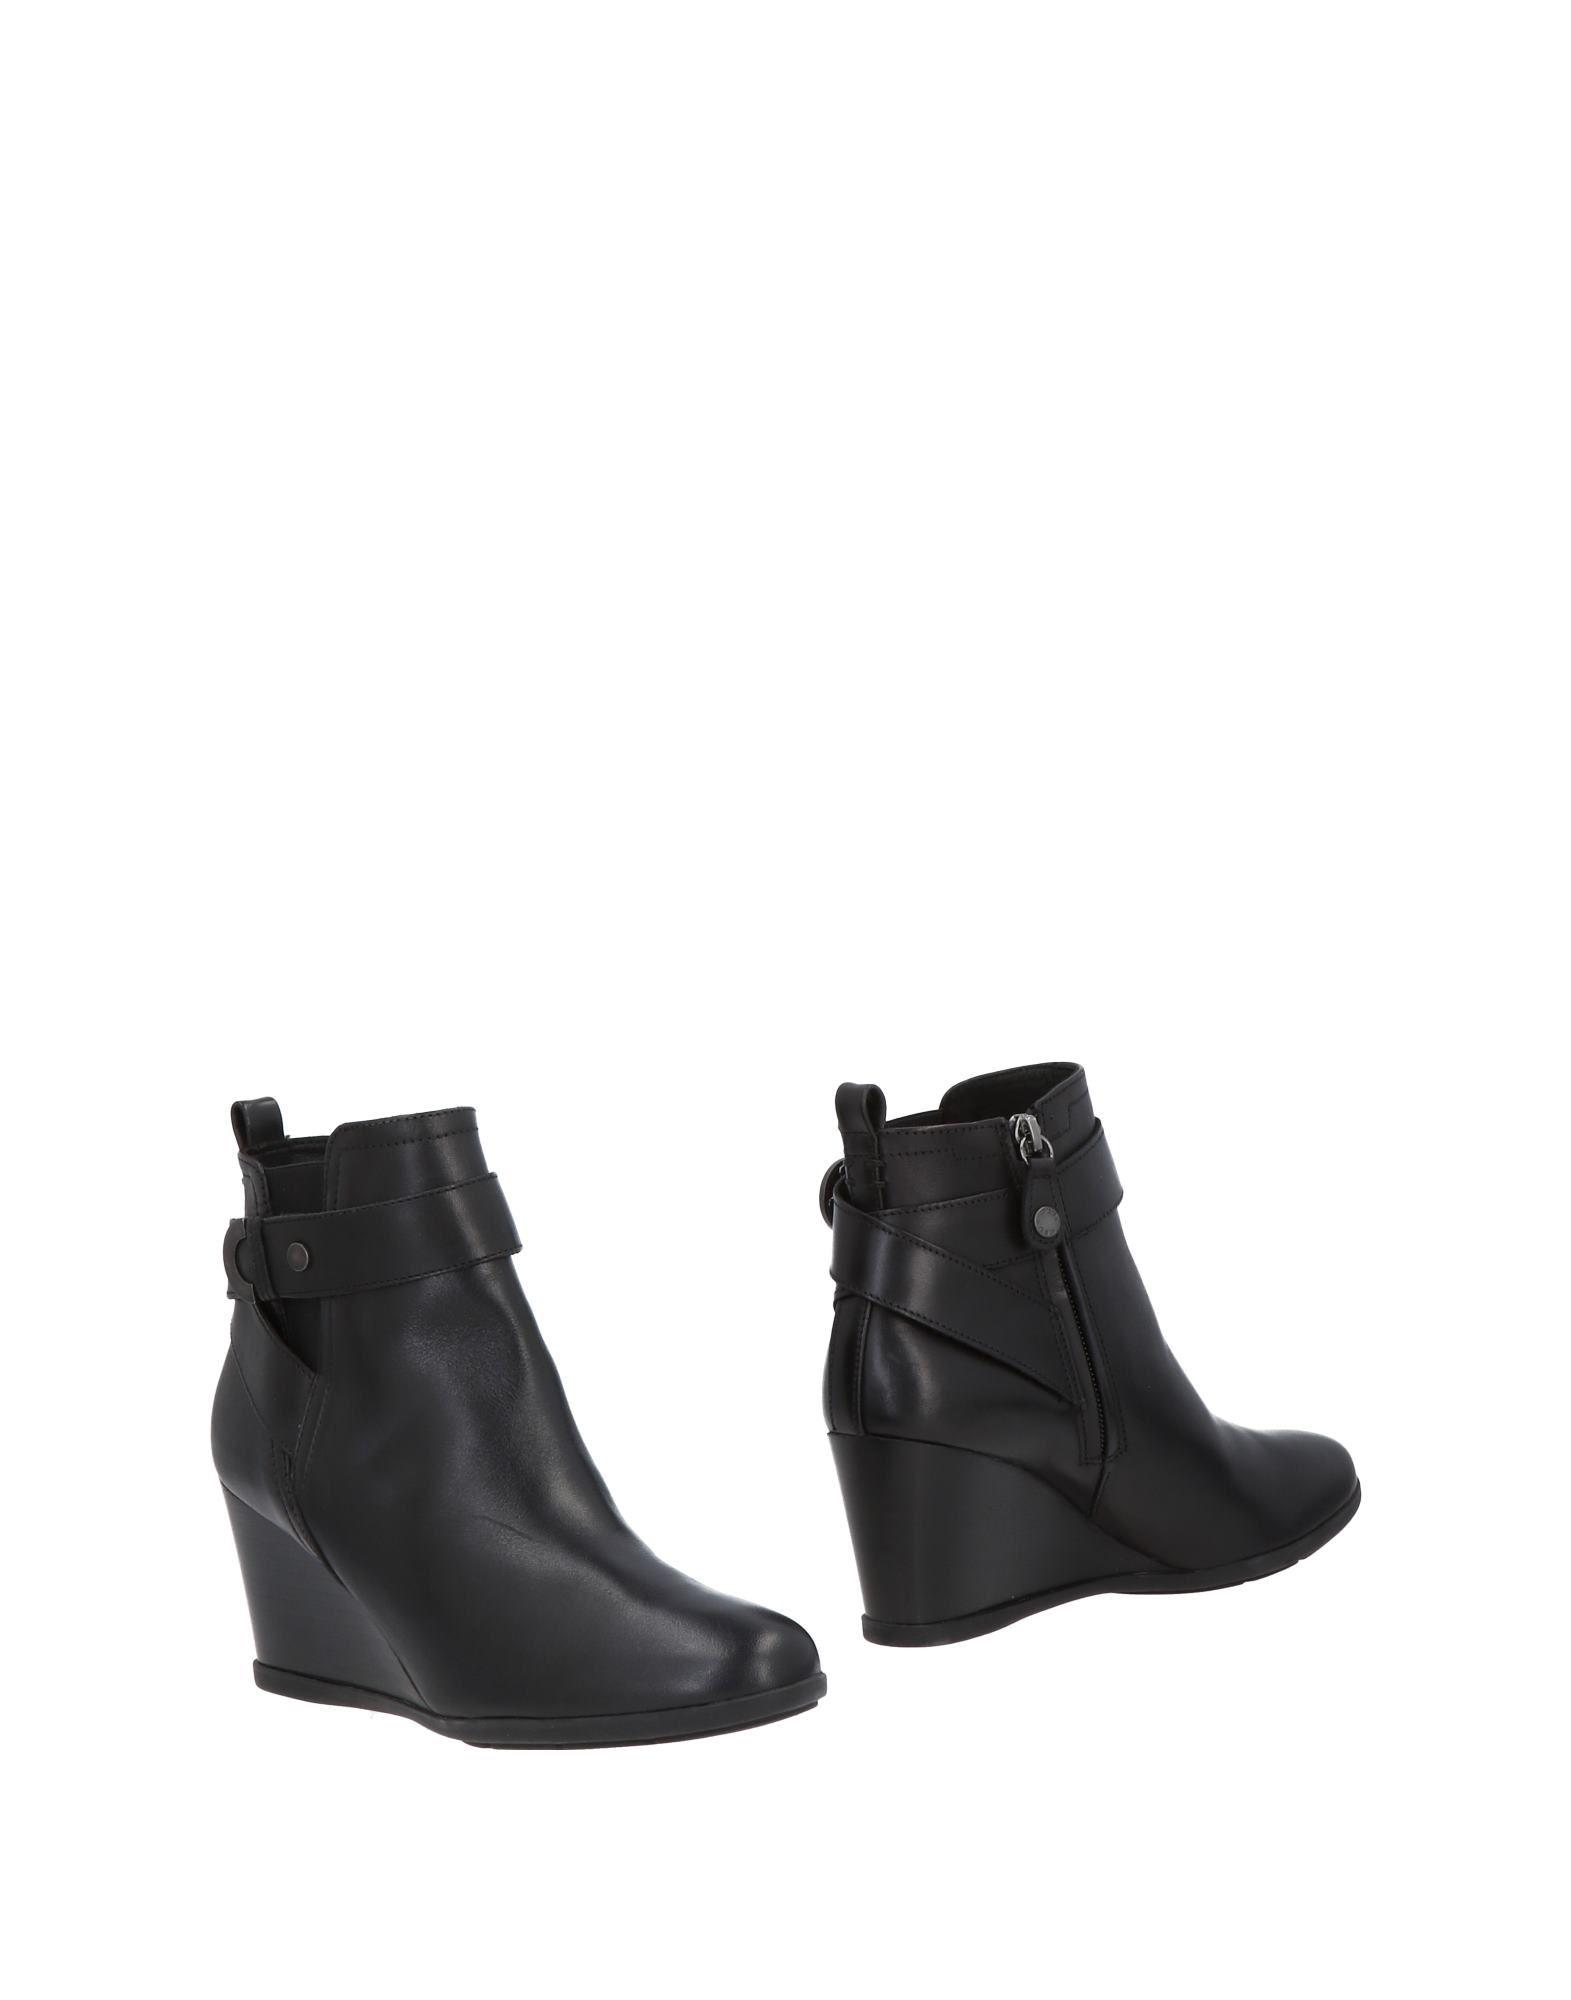 Geox Stiefelette Damen  Schuhe 11499046OL Gute Qualität beliebte Schuhe  2d0292